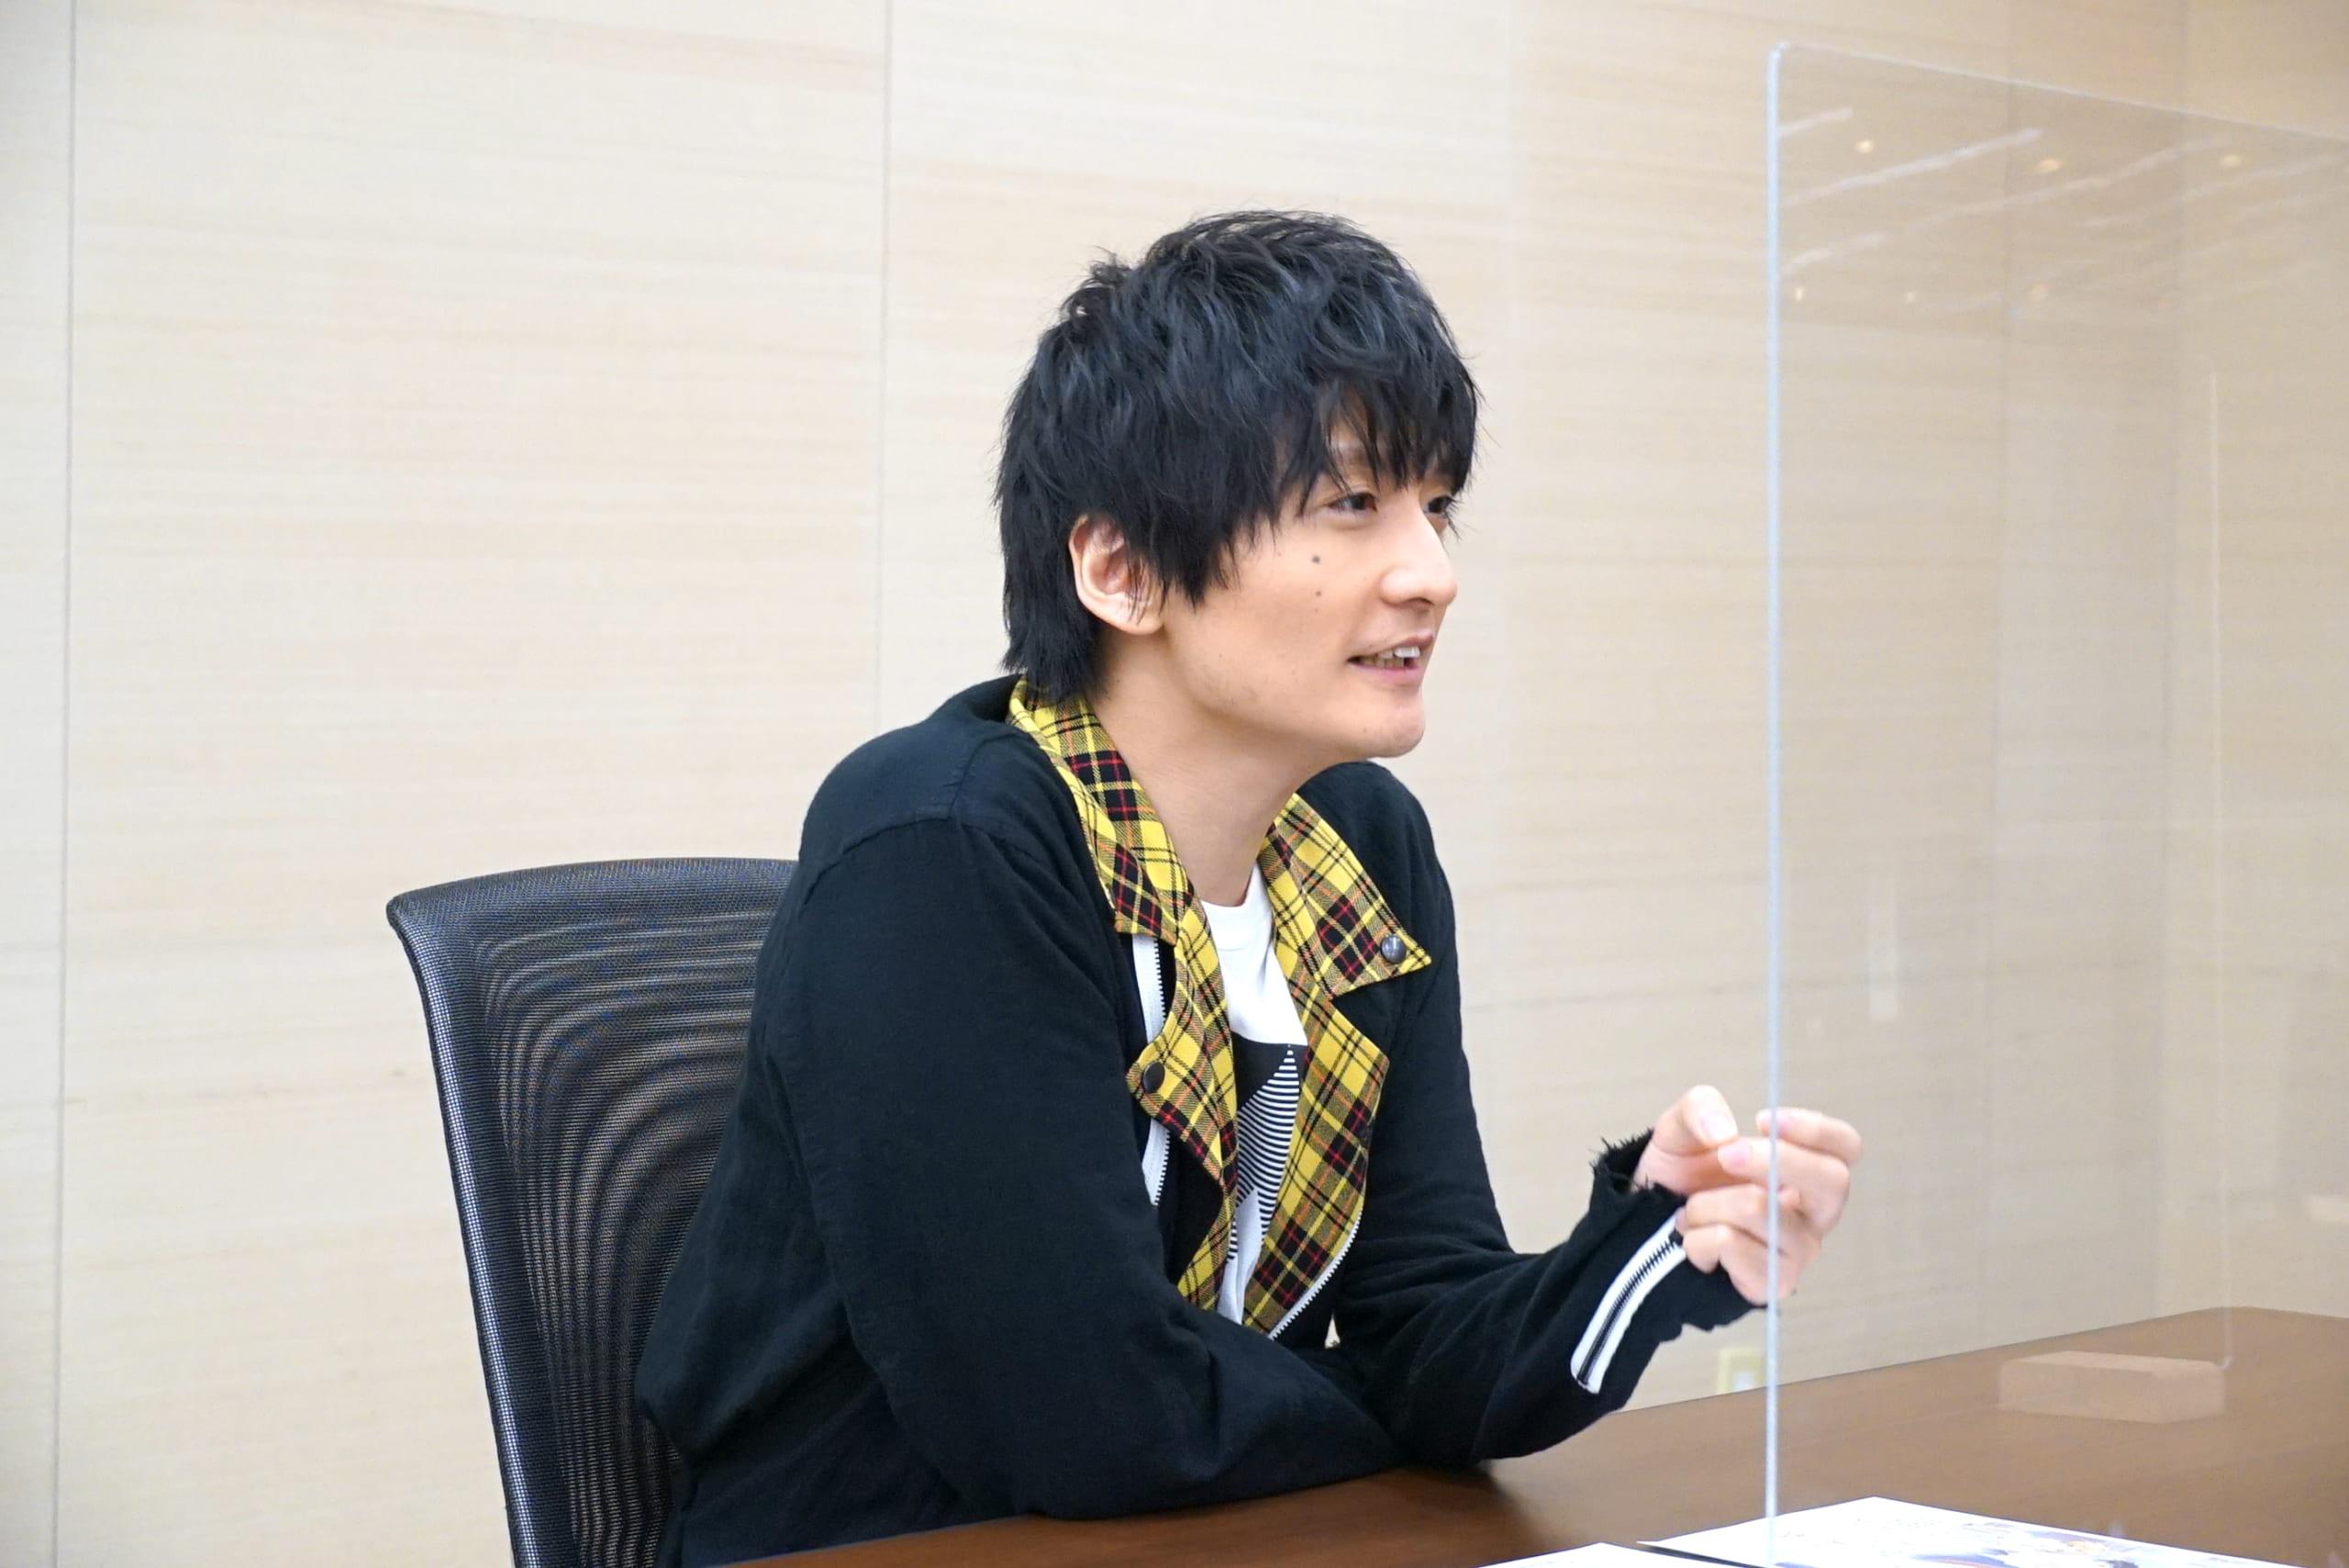 アニメーション映画『ふりふら』島﨑信長さんが青春を語る!「僕もBUMP OF CHICKENさんの曲をバックに走りたい」【インタビュー後編】